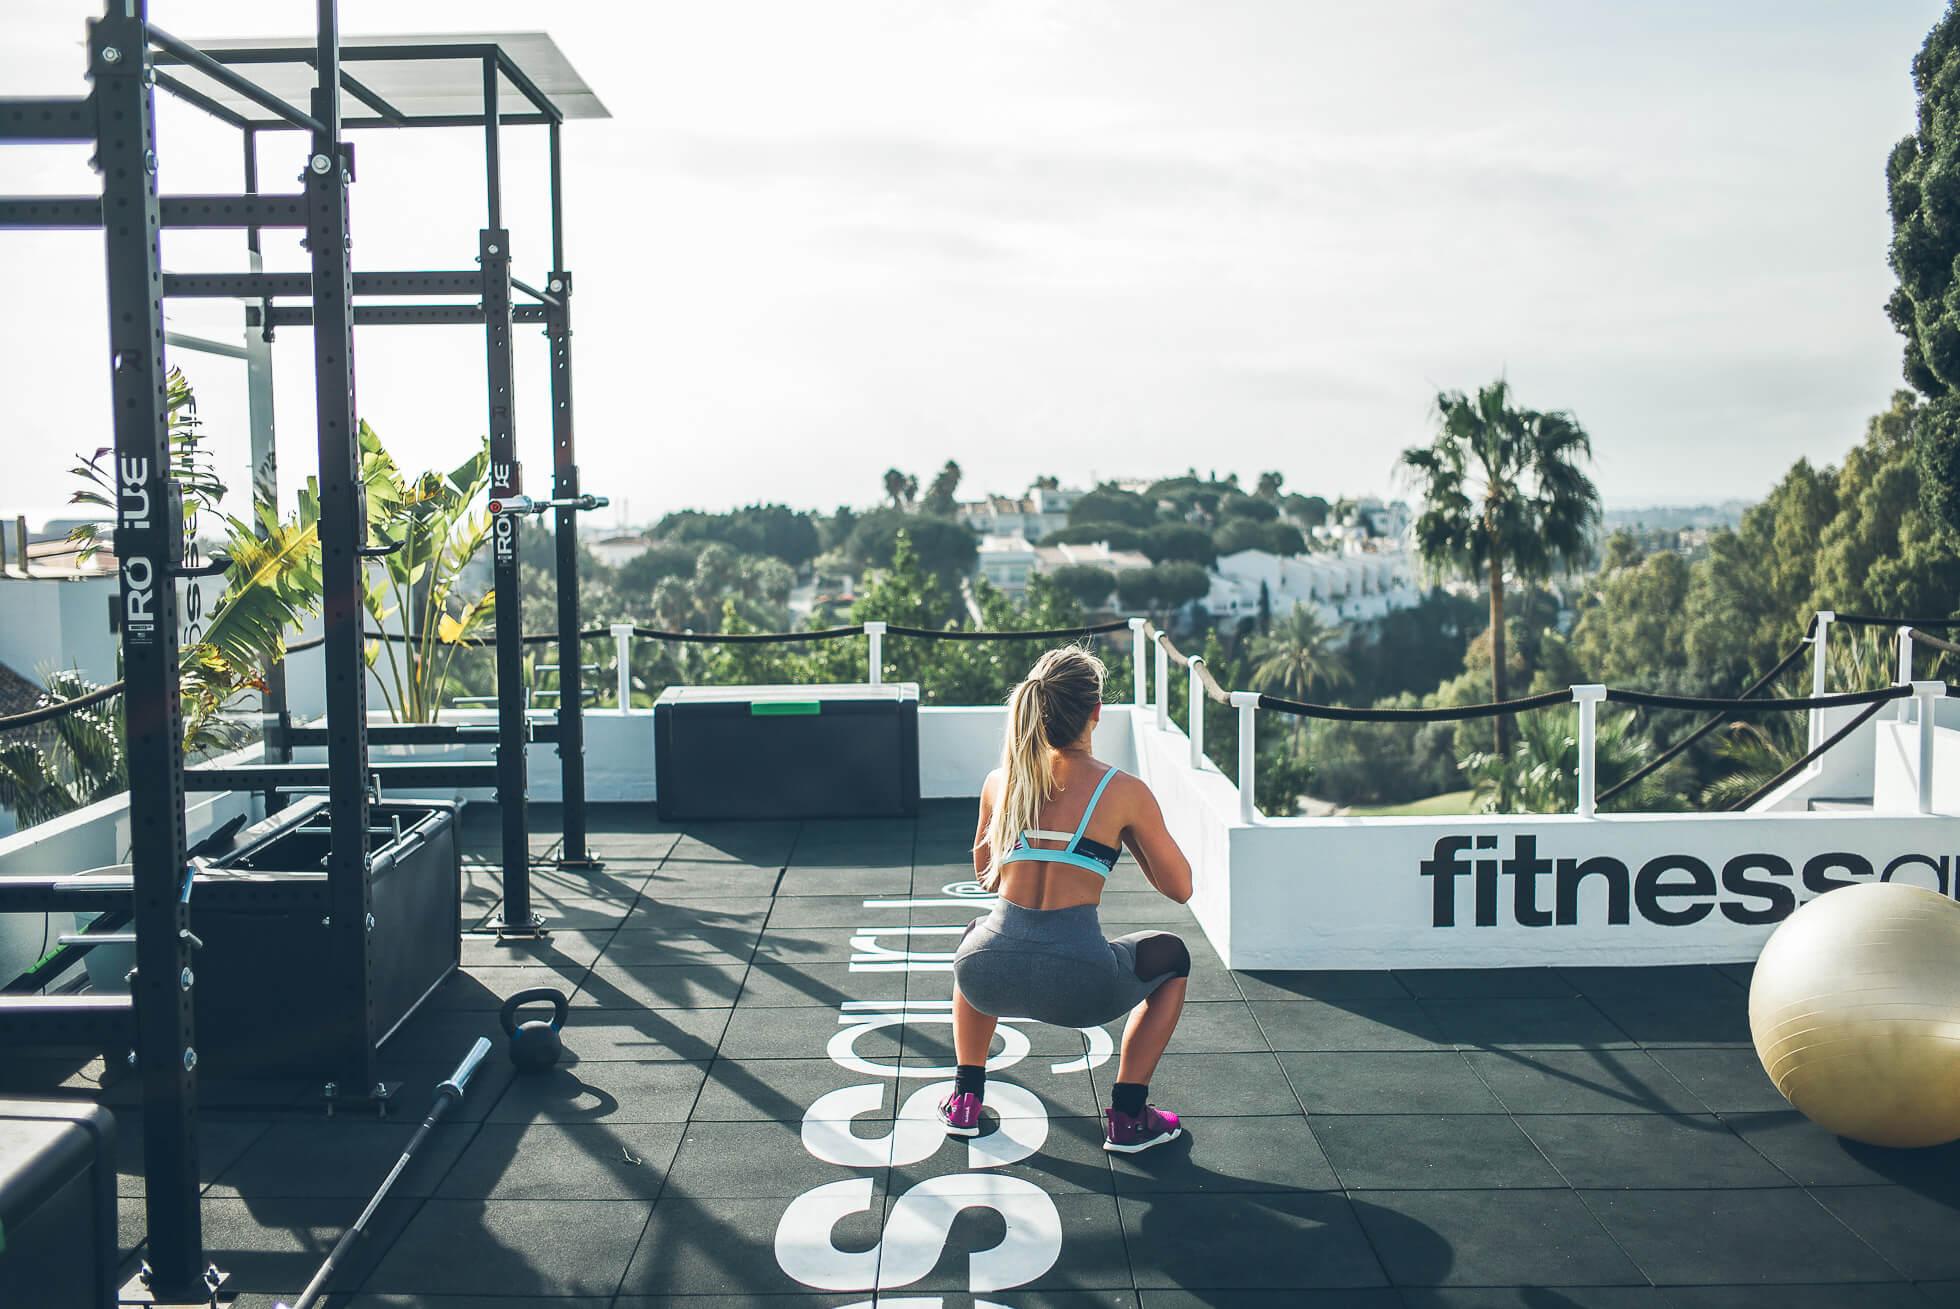 janni-deler-rooftop-workoutL1009041